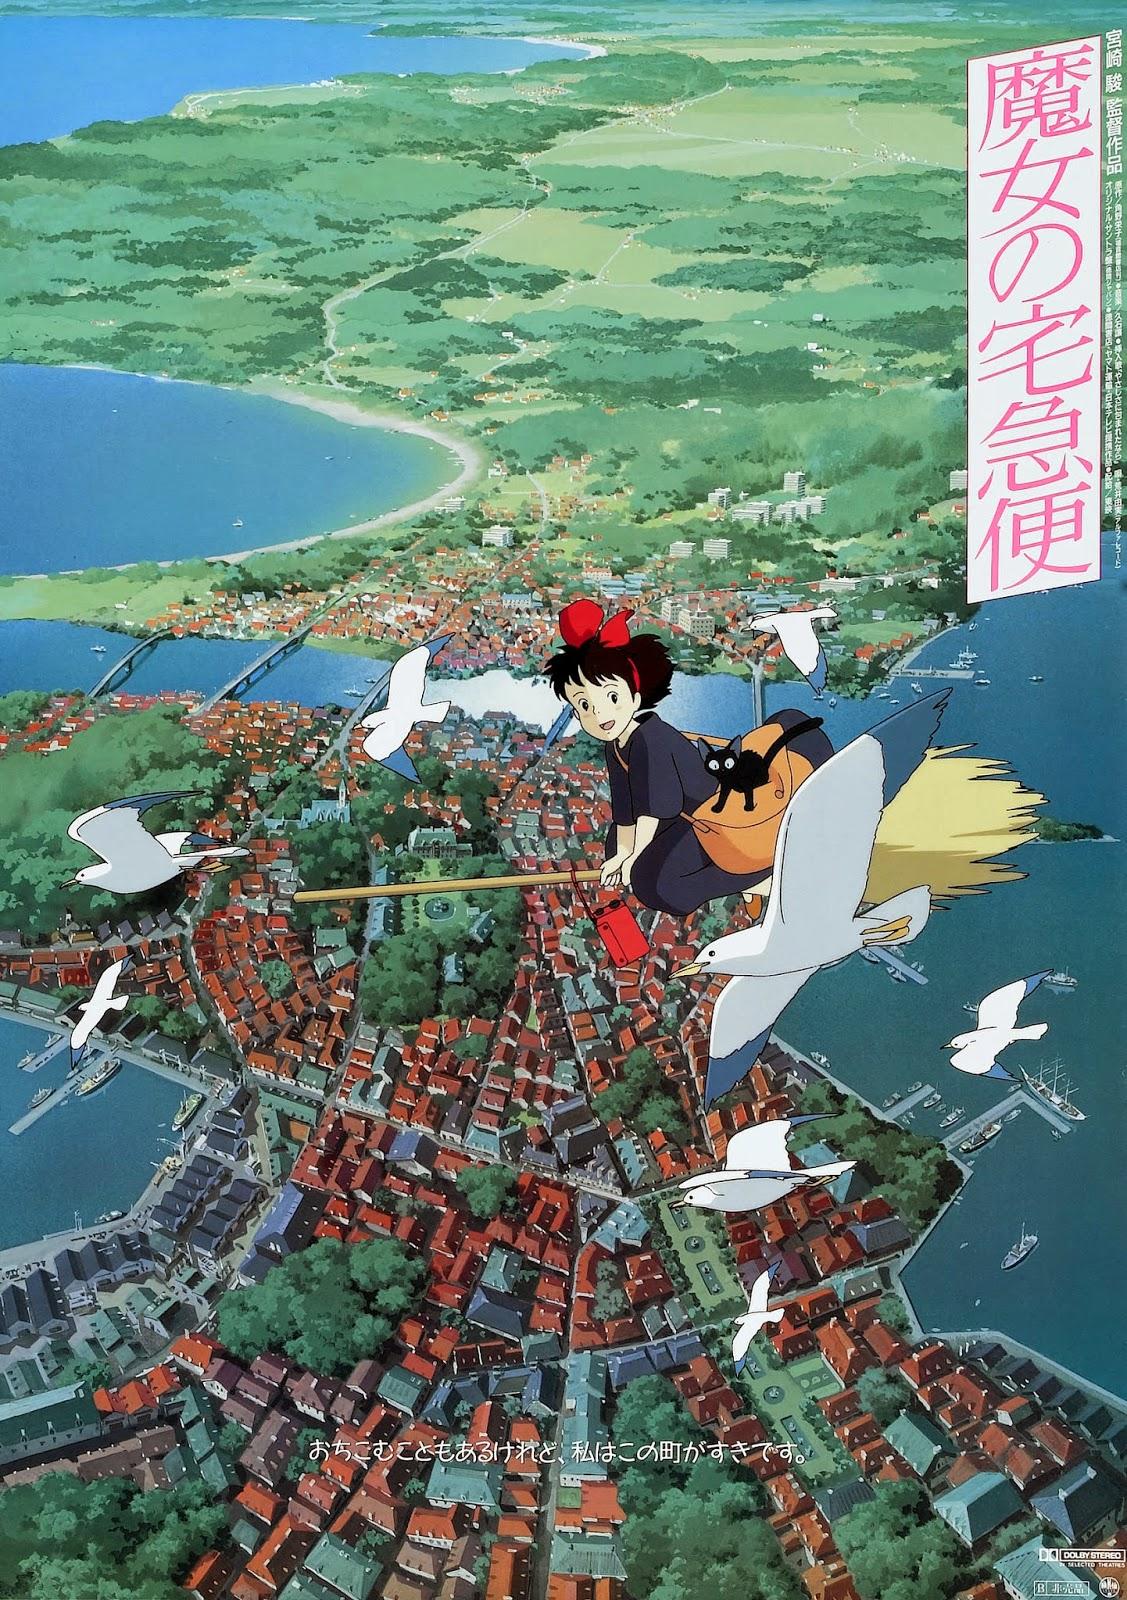 Kiki's Delivery Service | Ghibli Wiki | FANDOM powered by Wikia